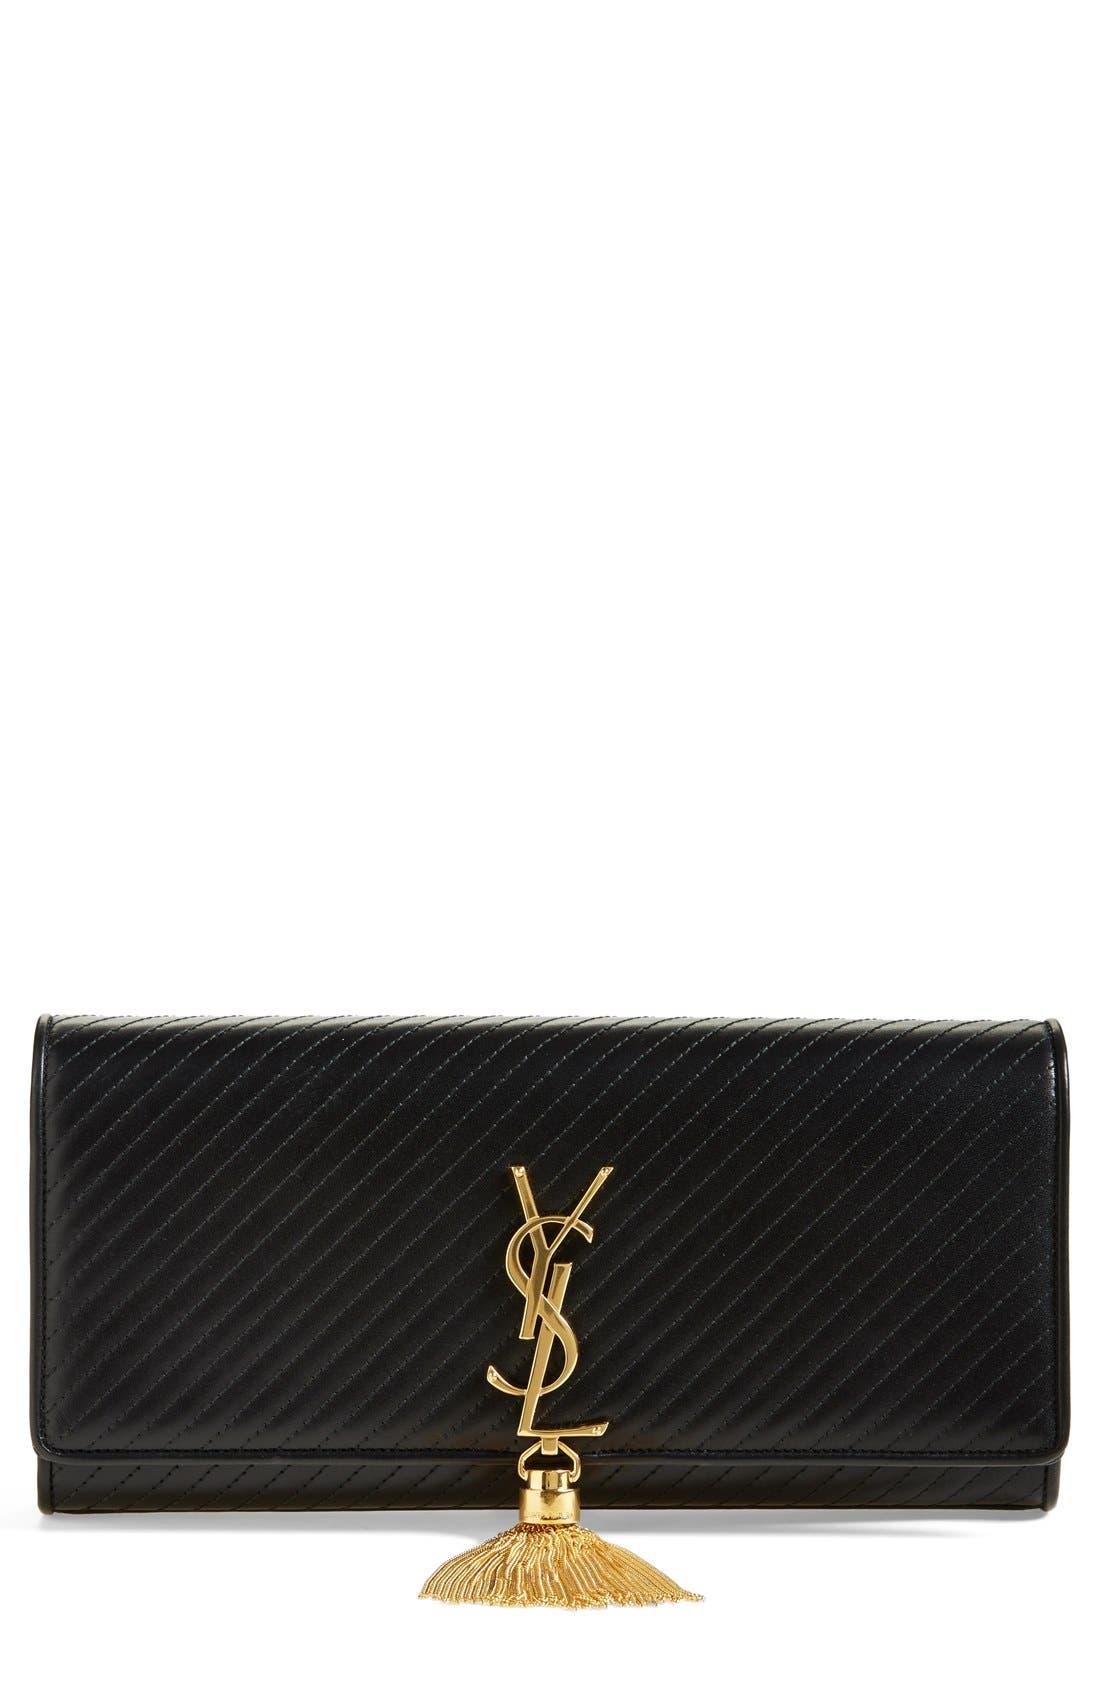 Main Image - Saint Laurent 'Cassandre' Quilted Leather Clutch